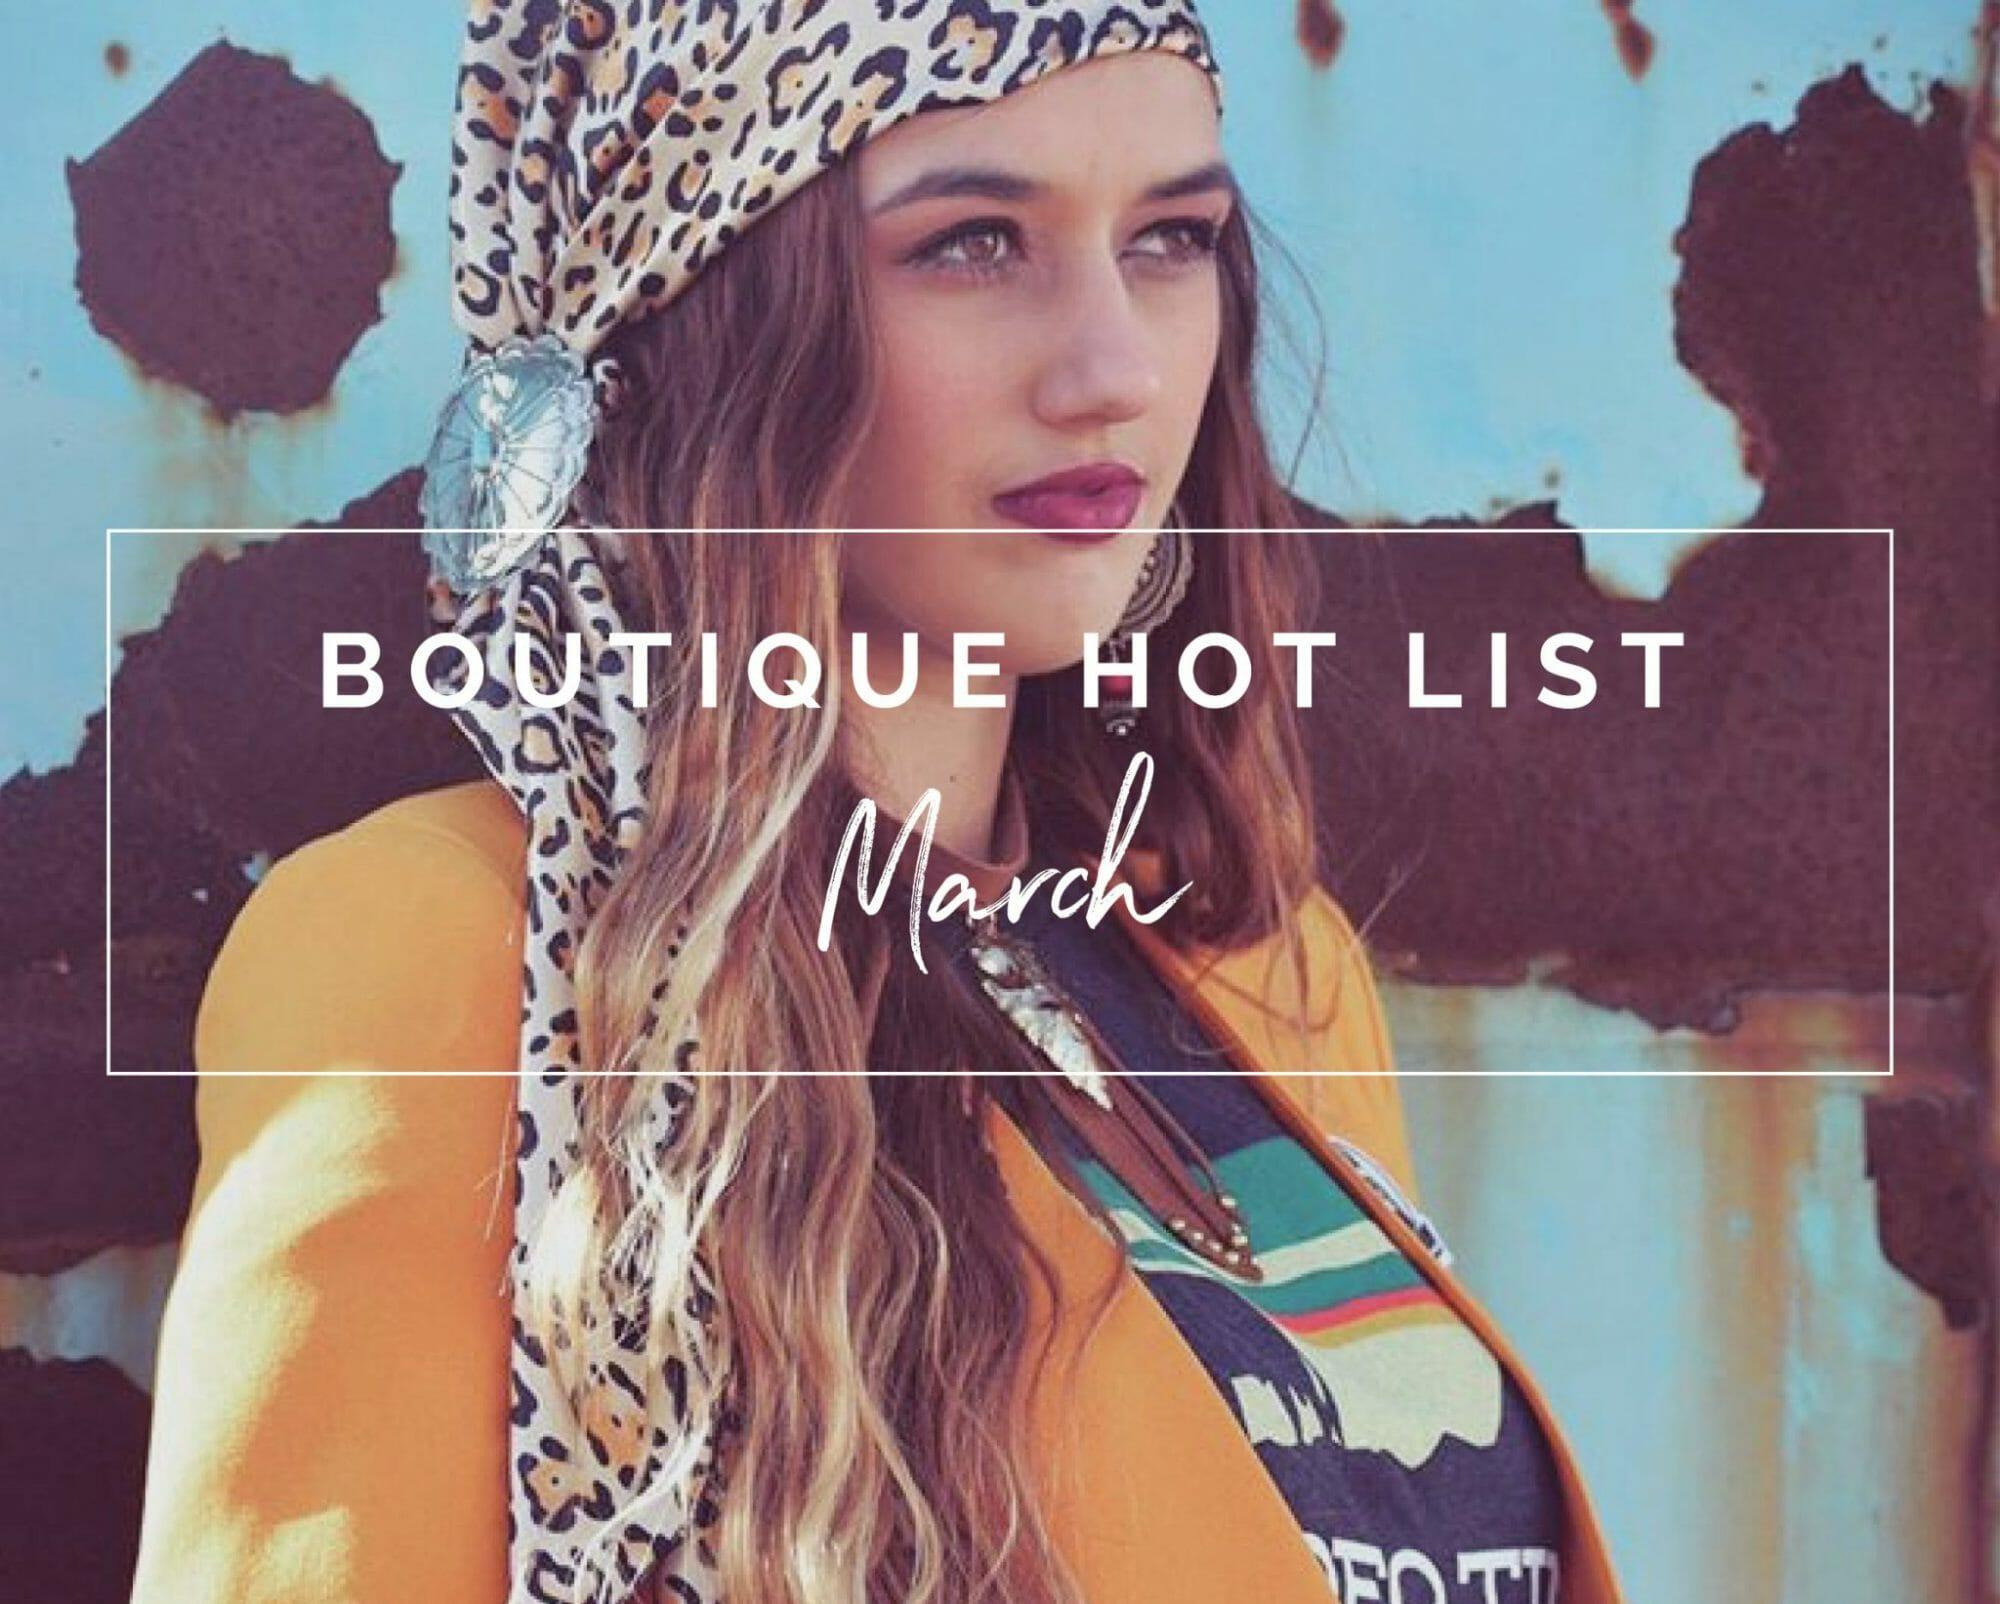 March Boutique Hot LIst | The Boutique Hub